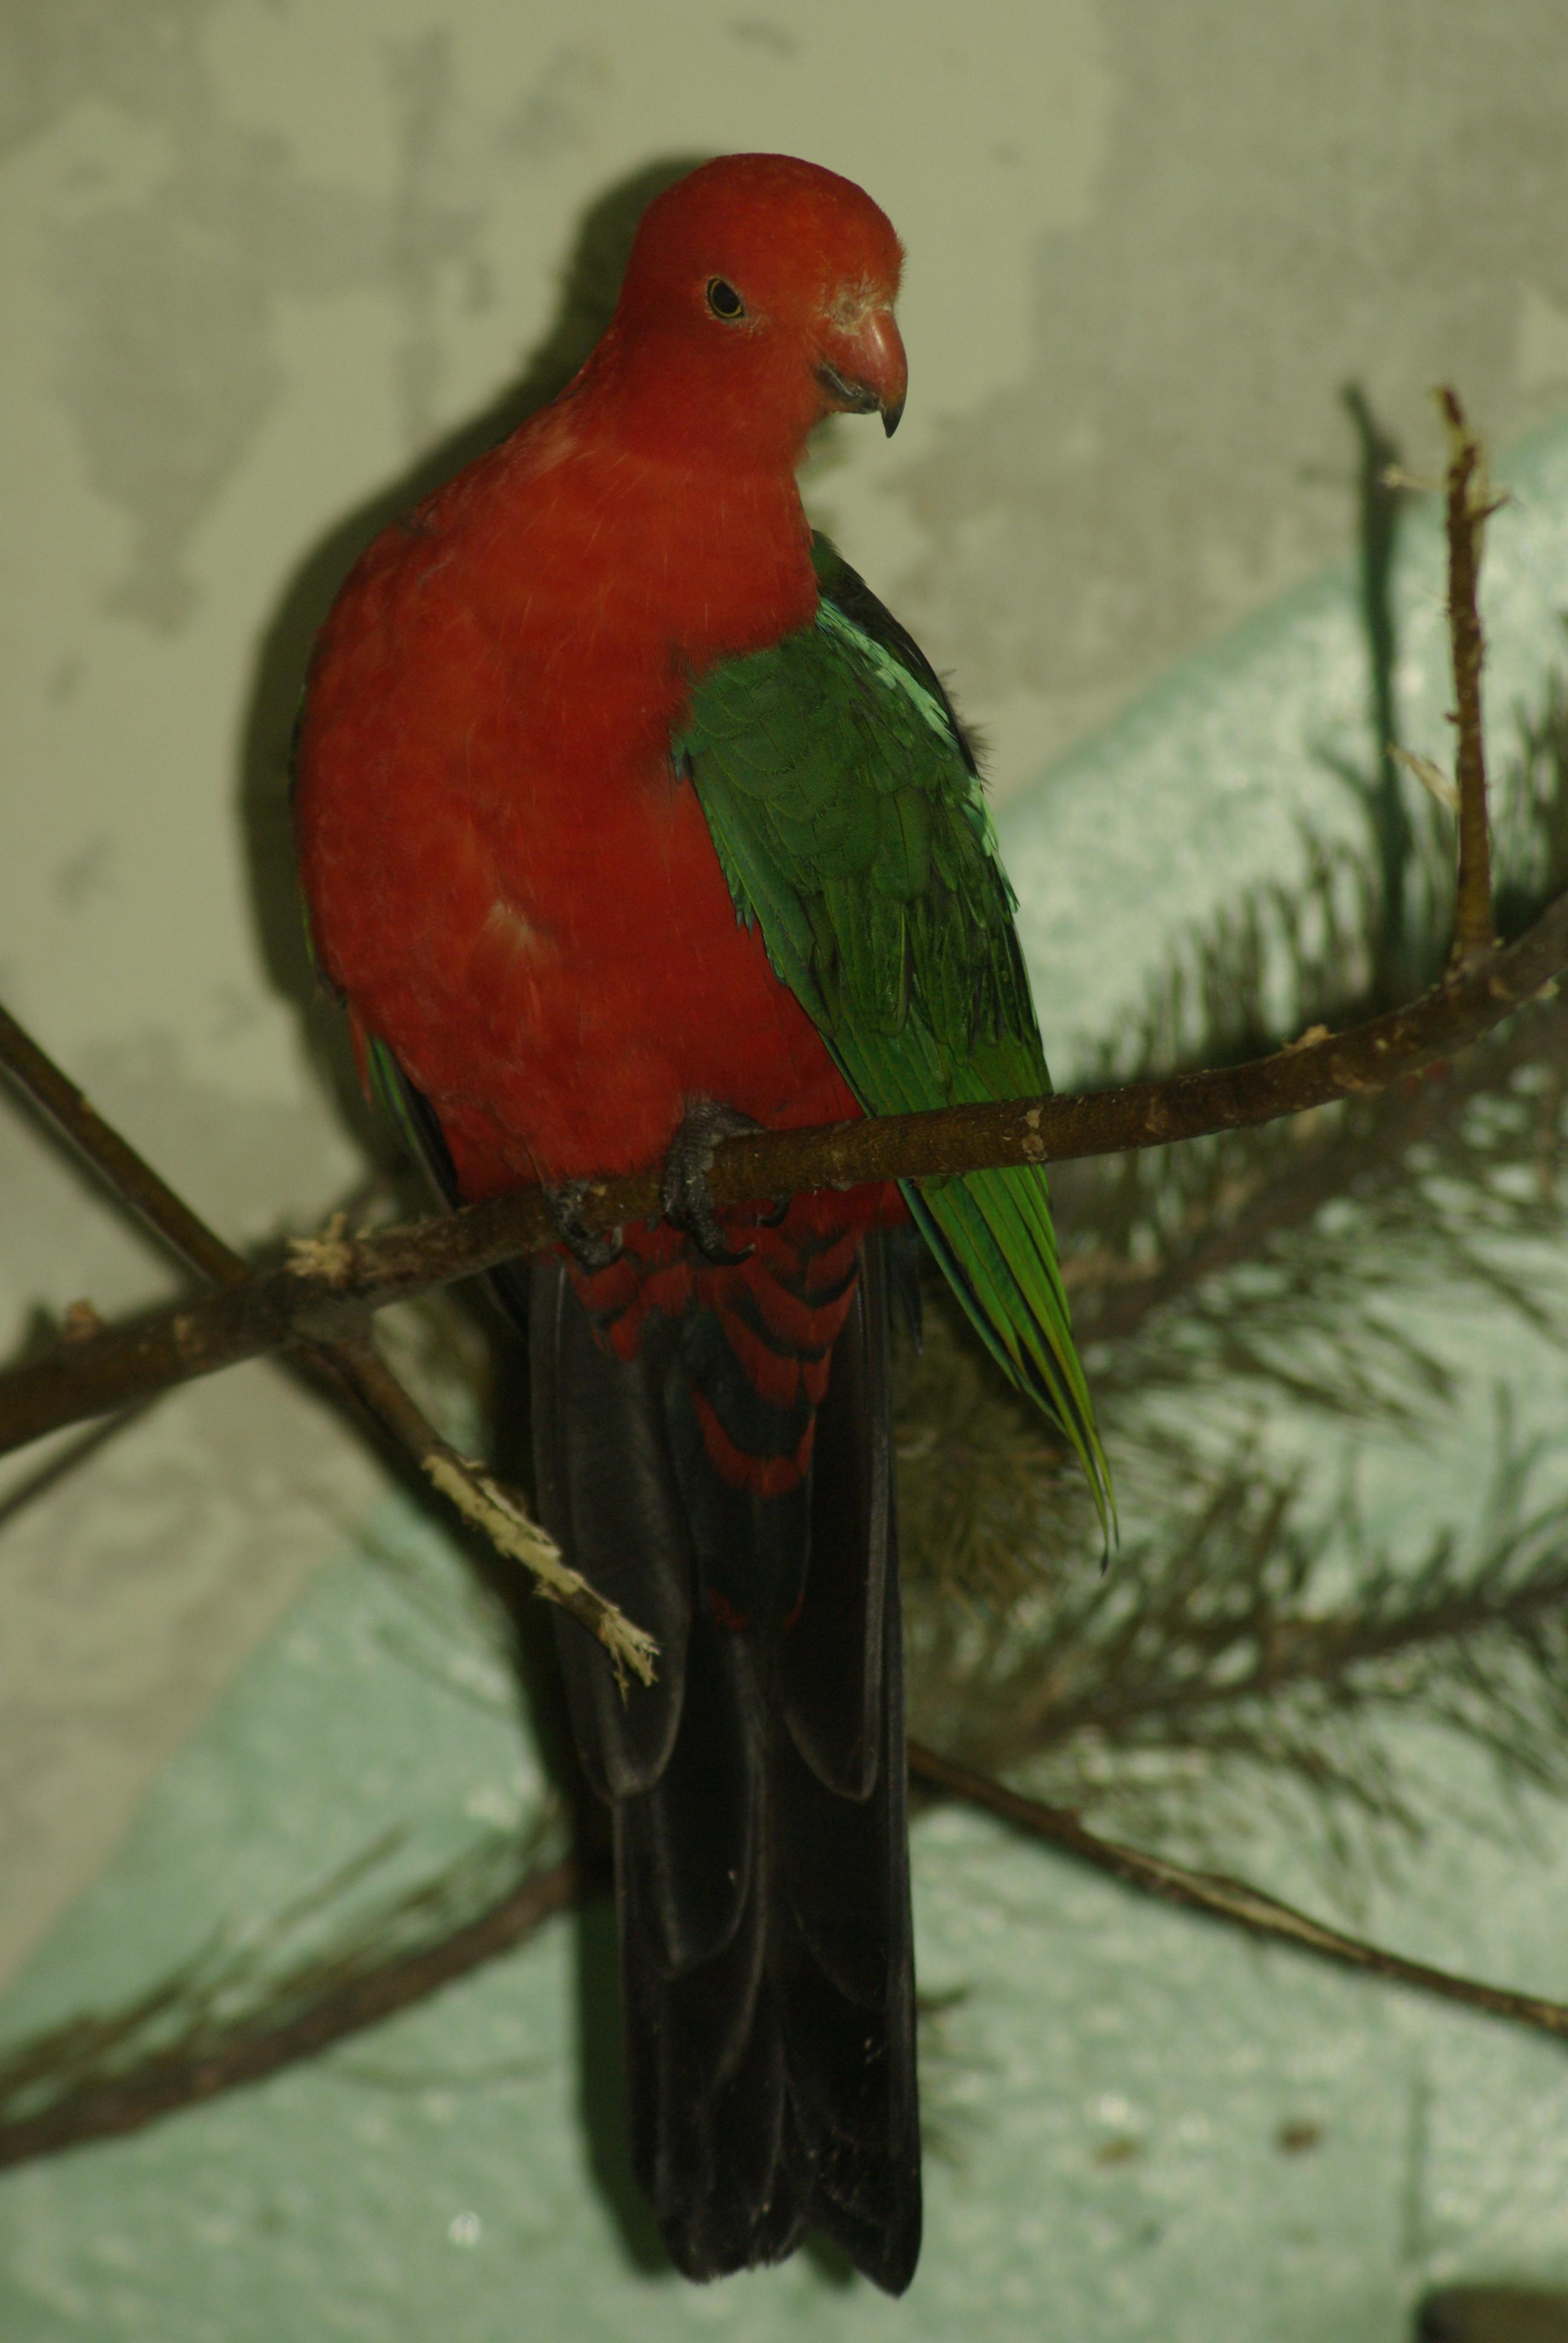 Попугаи в телевизионной программе зеленый попугай точка ТВ